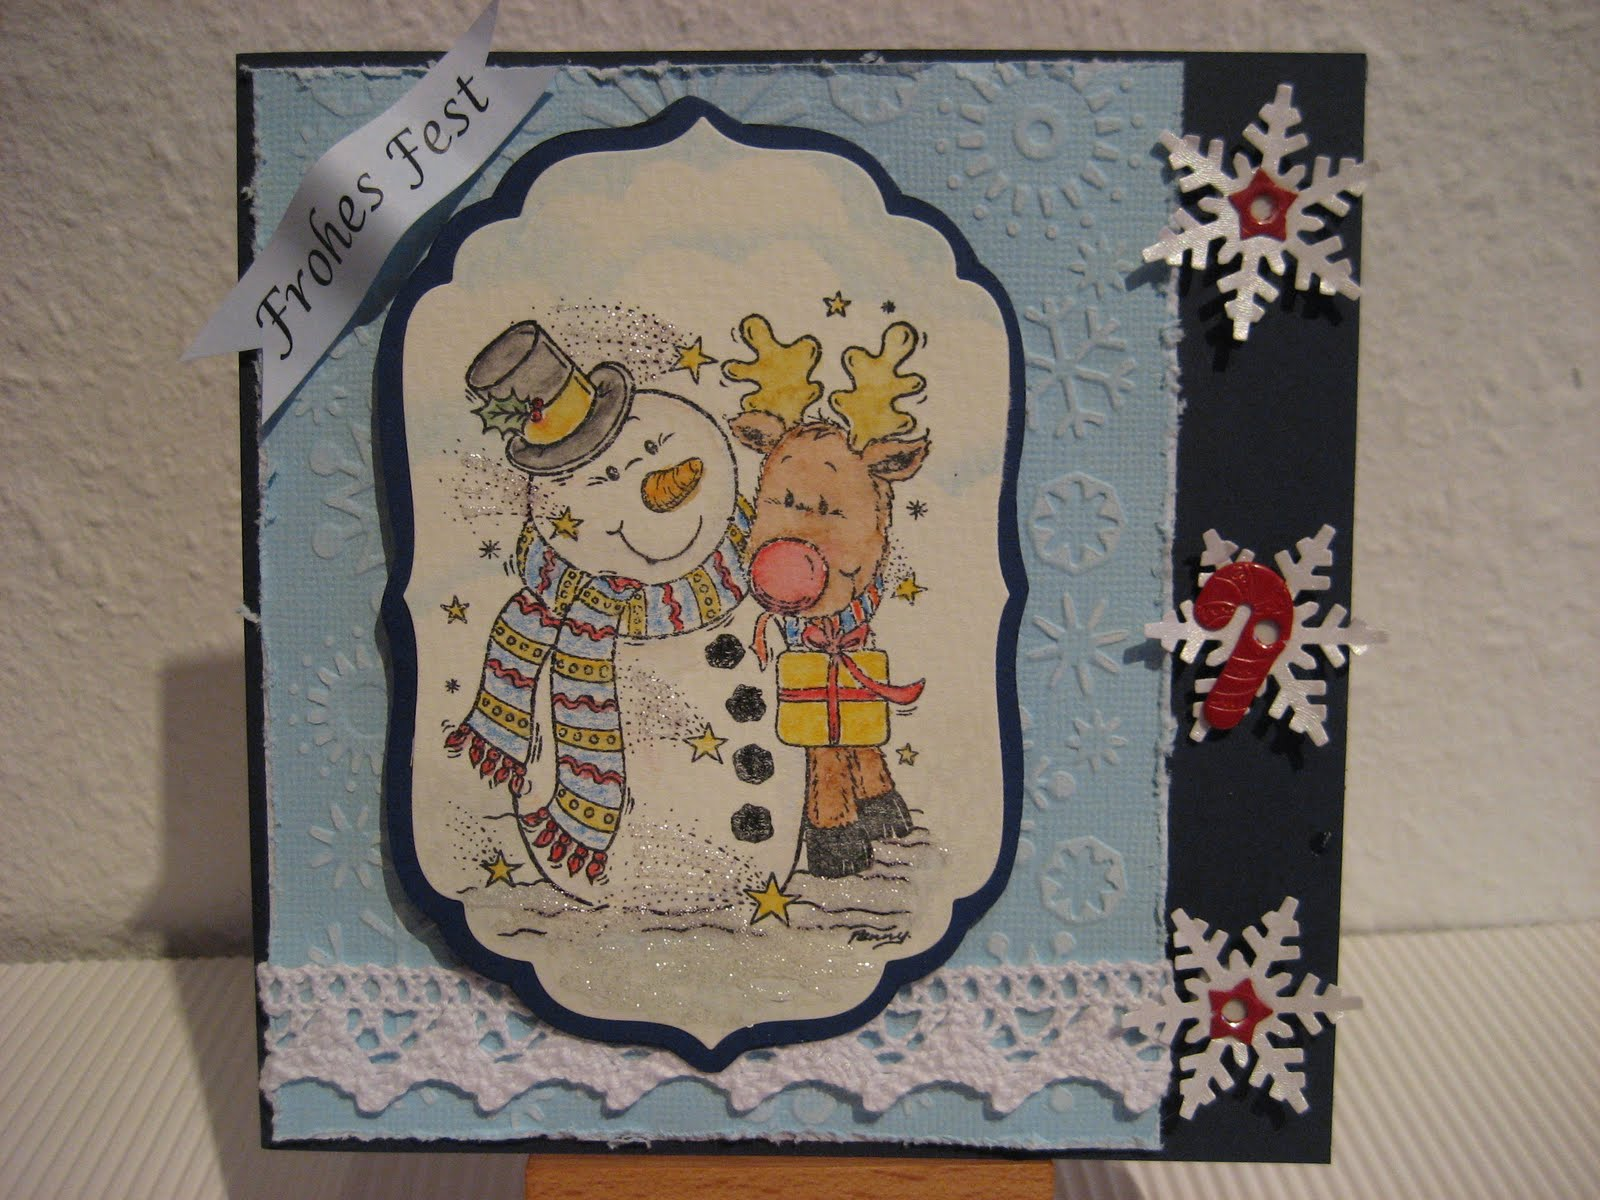 Feiertage, Hintergrund, Neujahr, Weihnachten, #15864 - Schneemann Hintergrundbilder